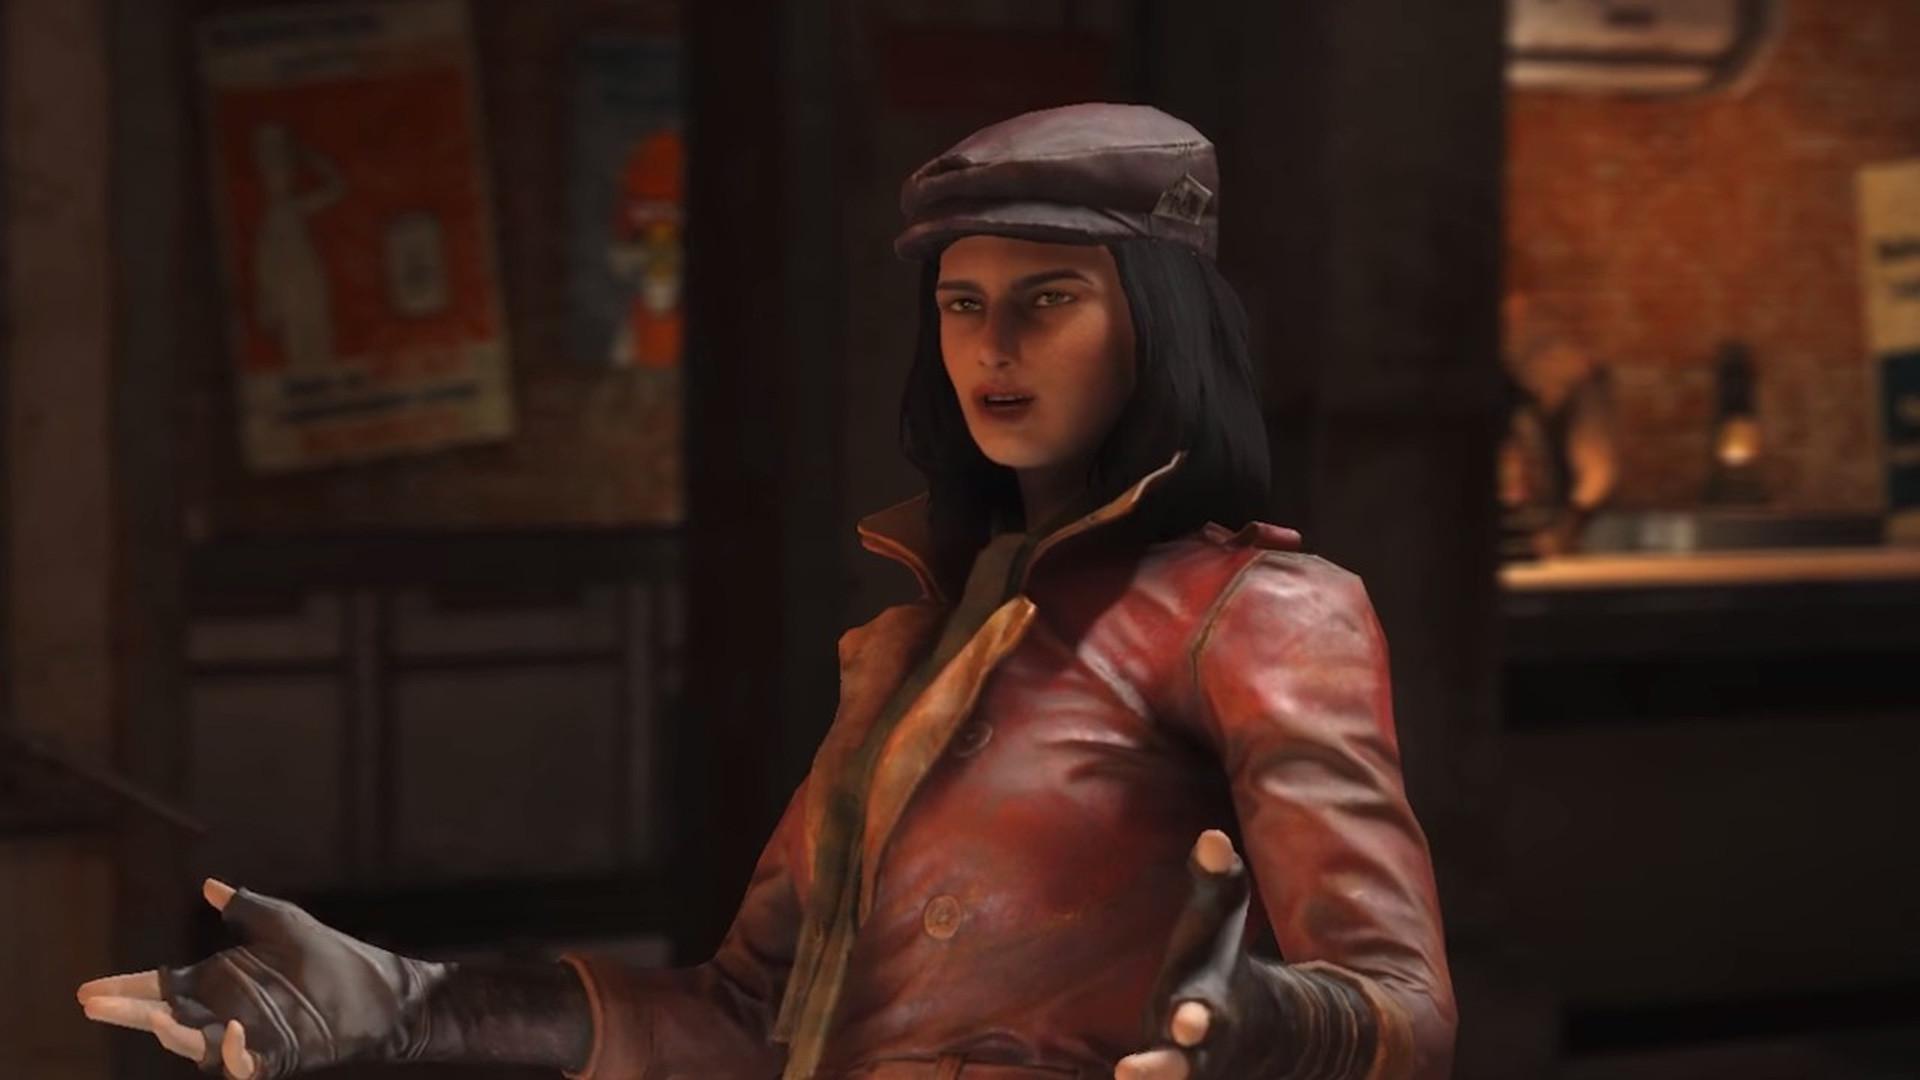 Fallout 4 Piper Romance